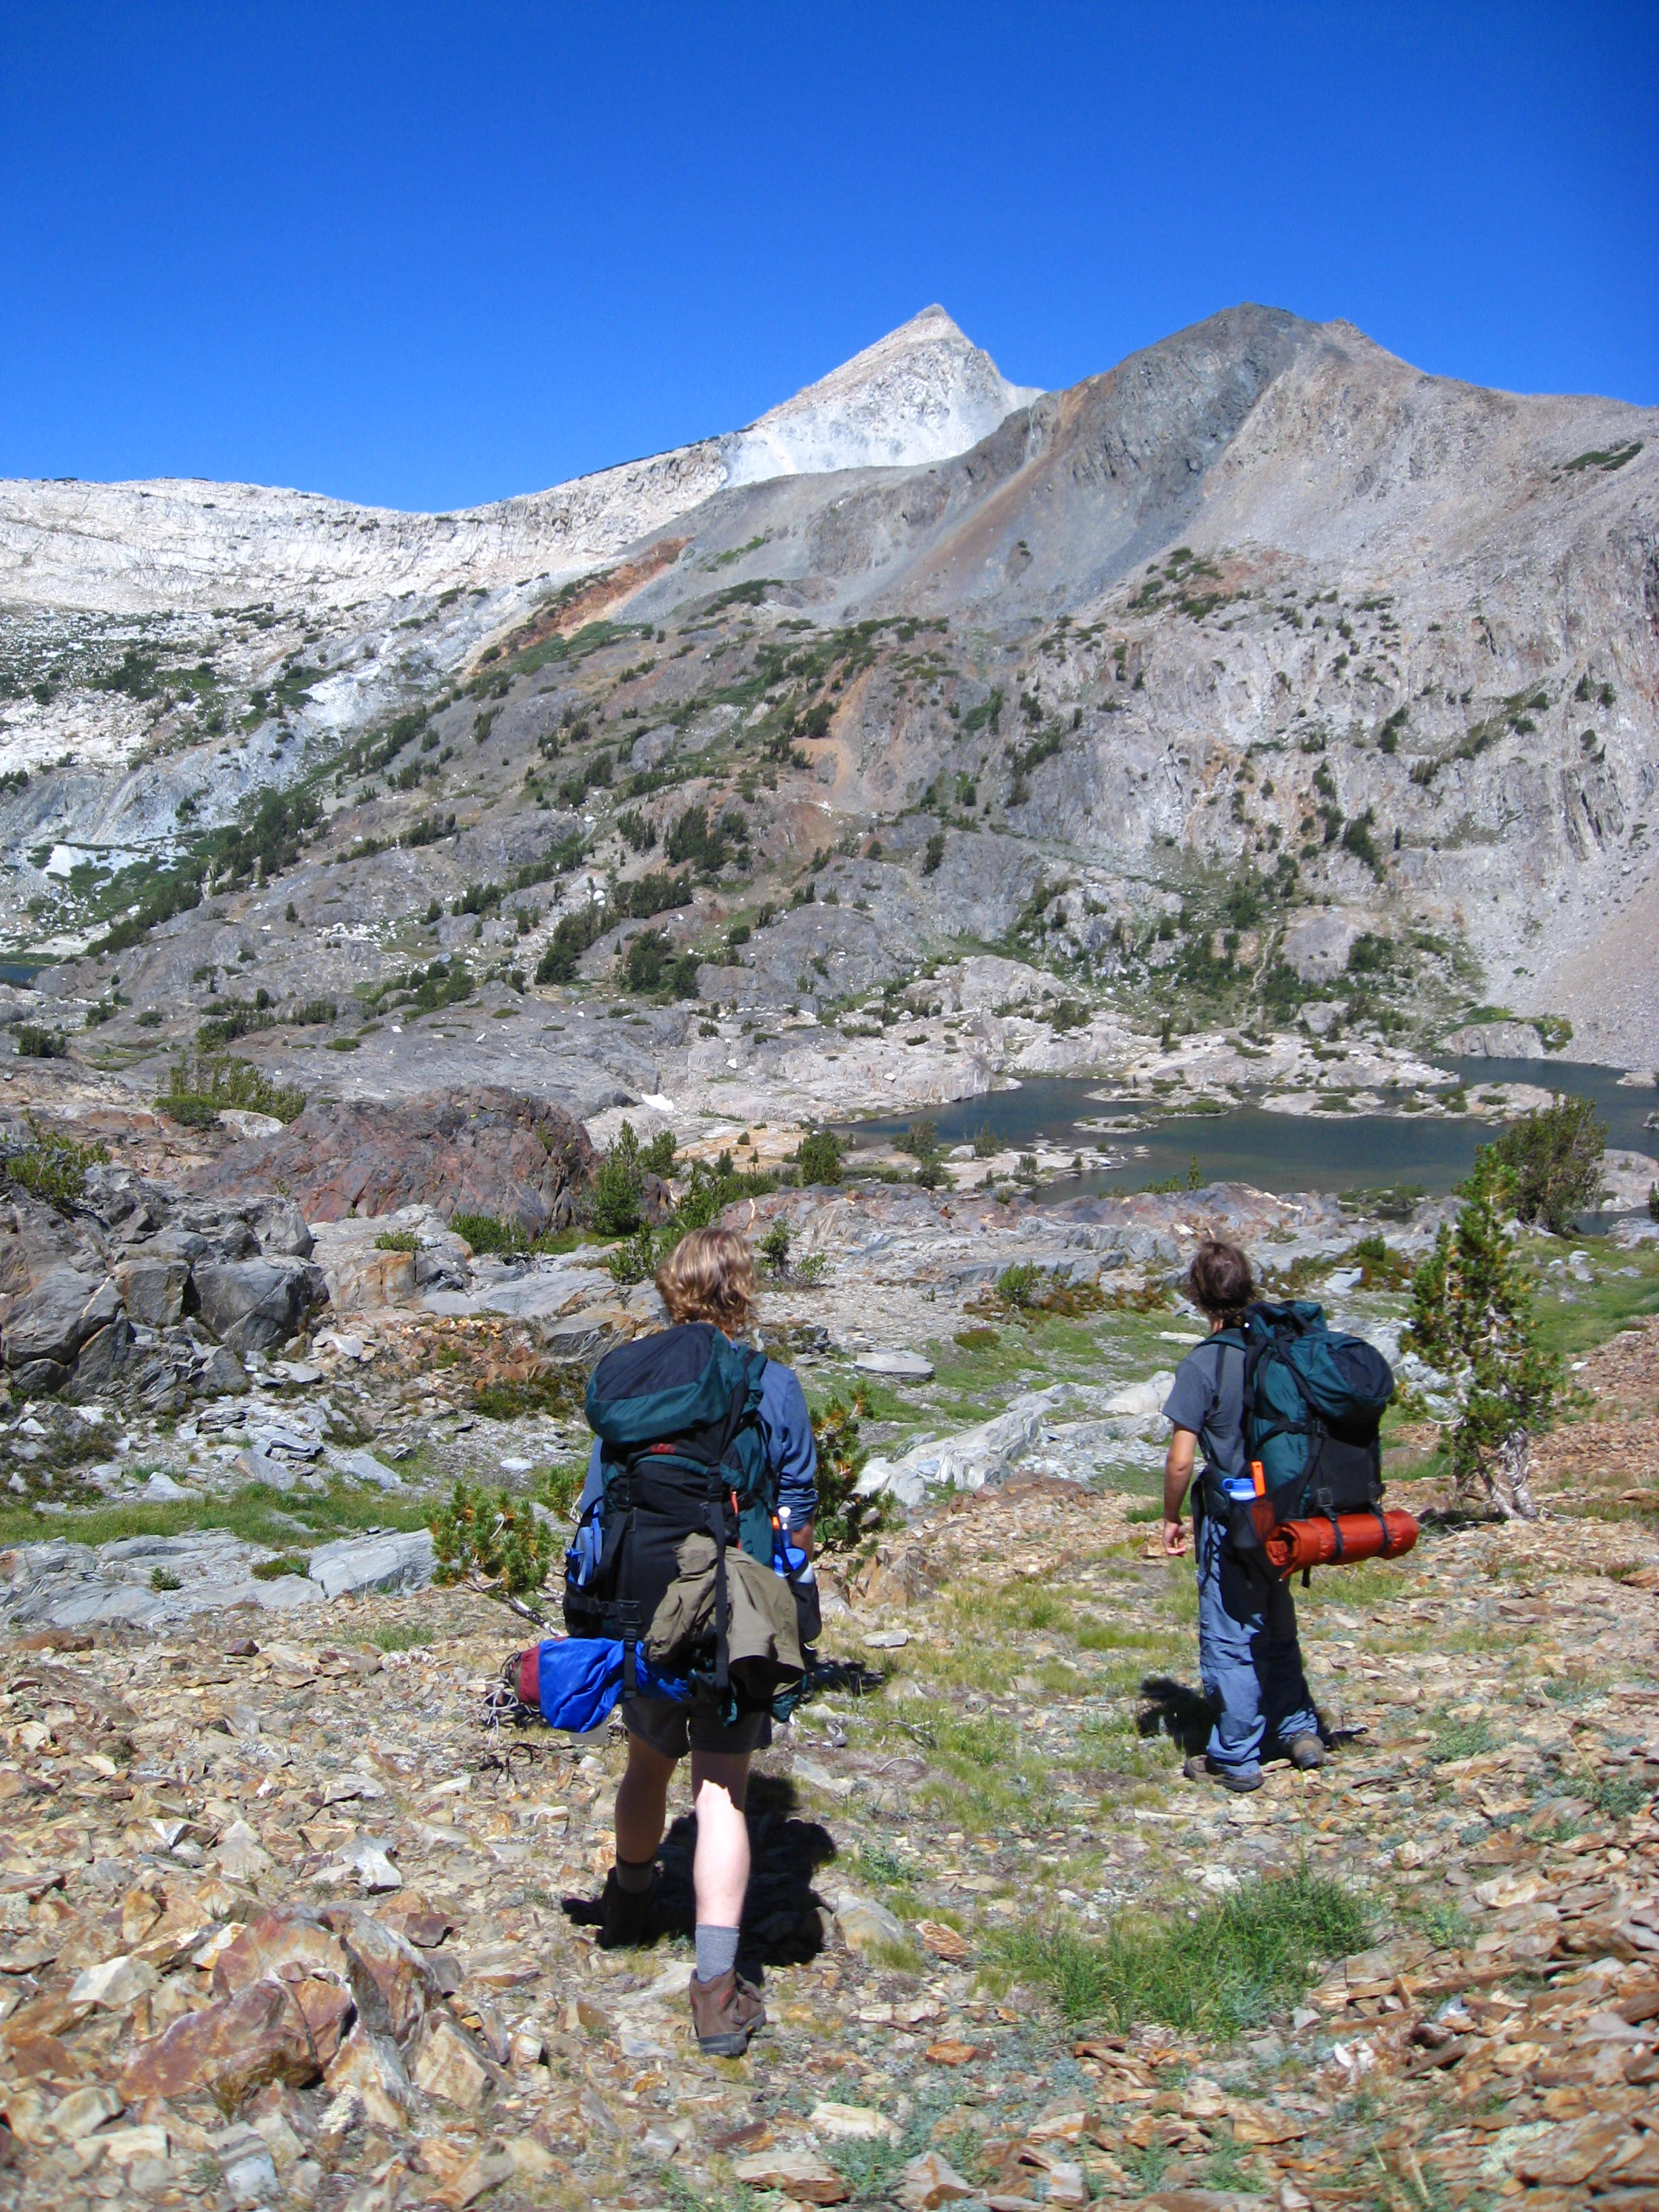 The High Sierras, CA